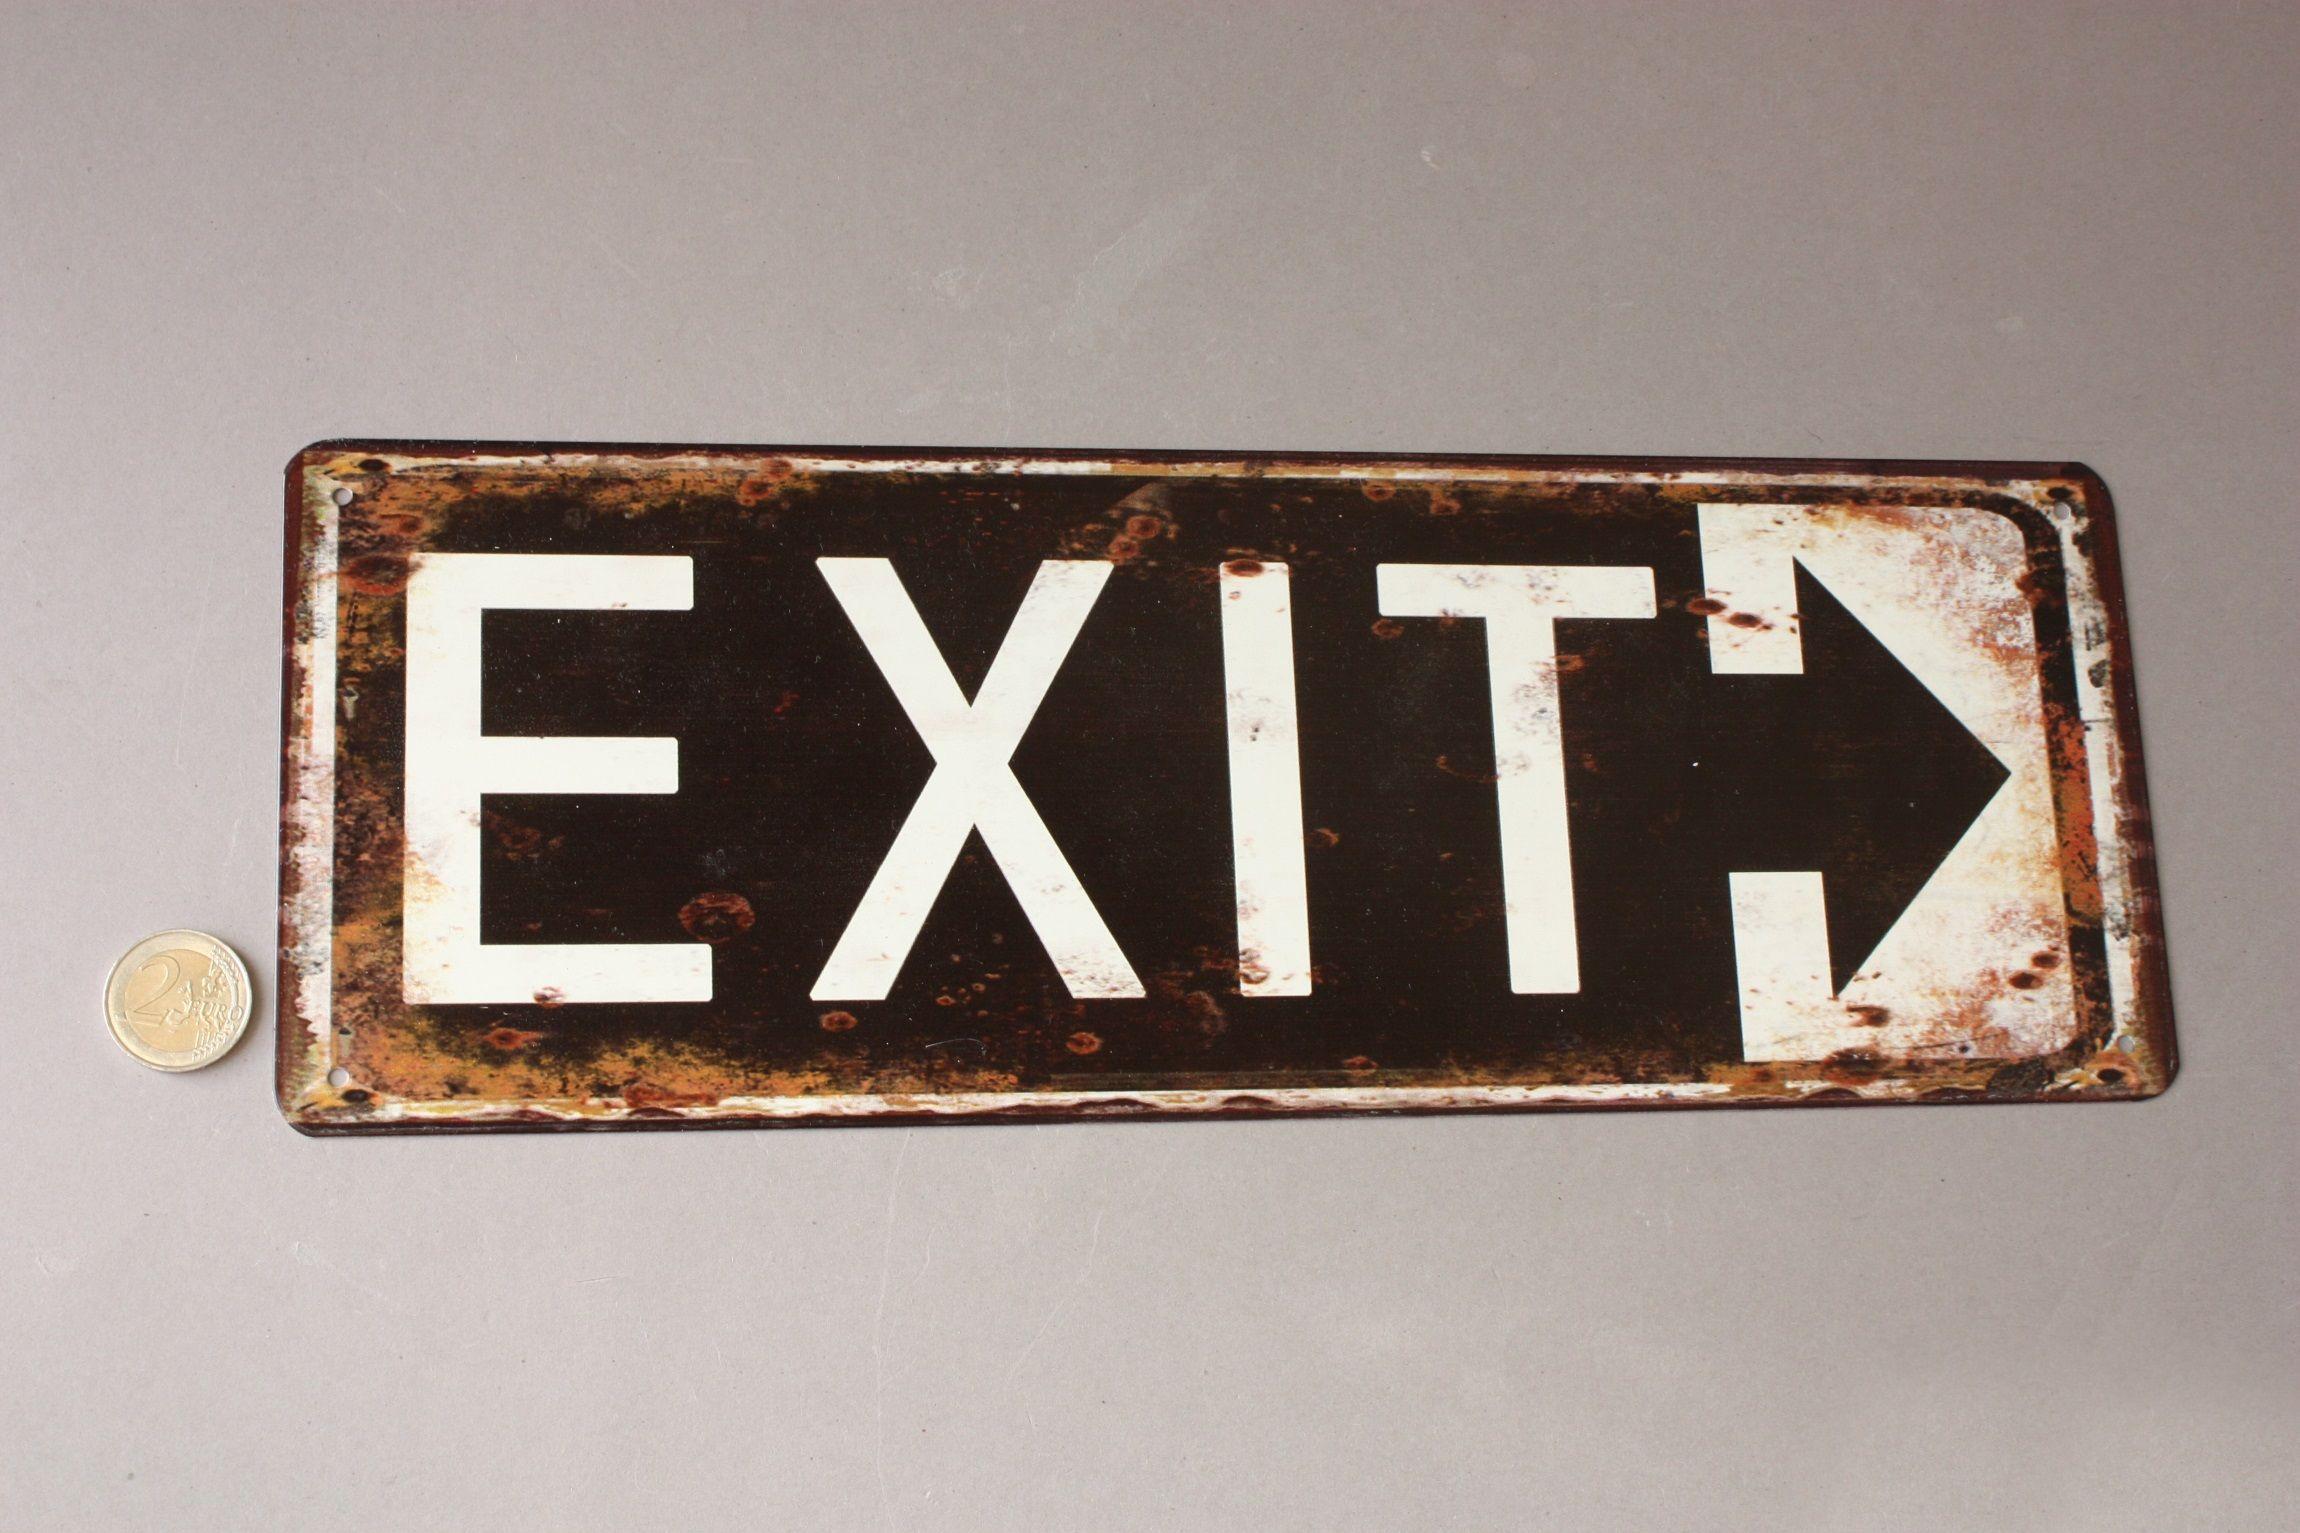 Exit Pfeil Schild Turschild Arrow Door Sign Turschilder